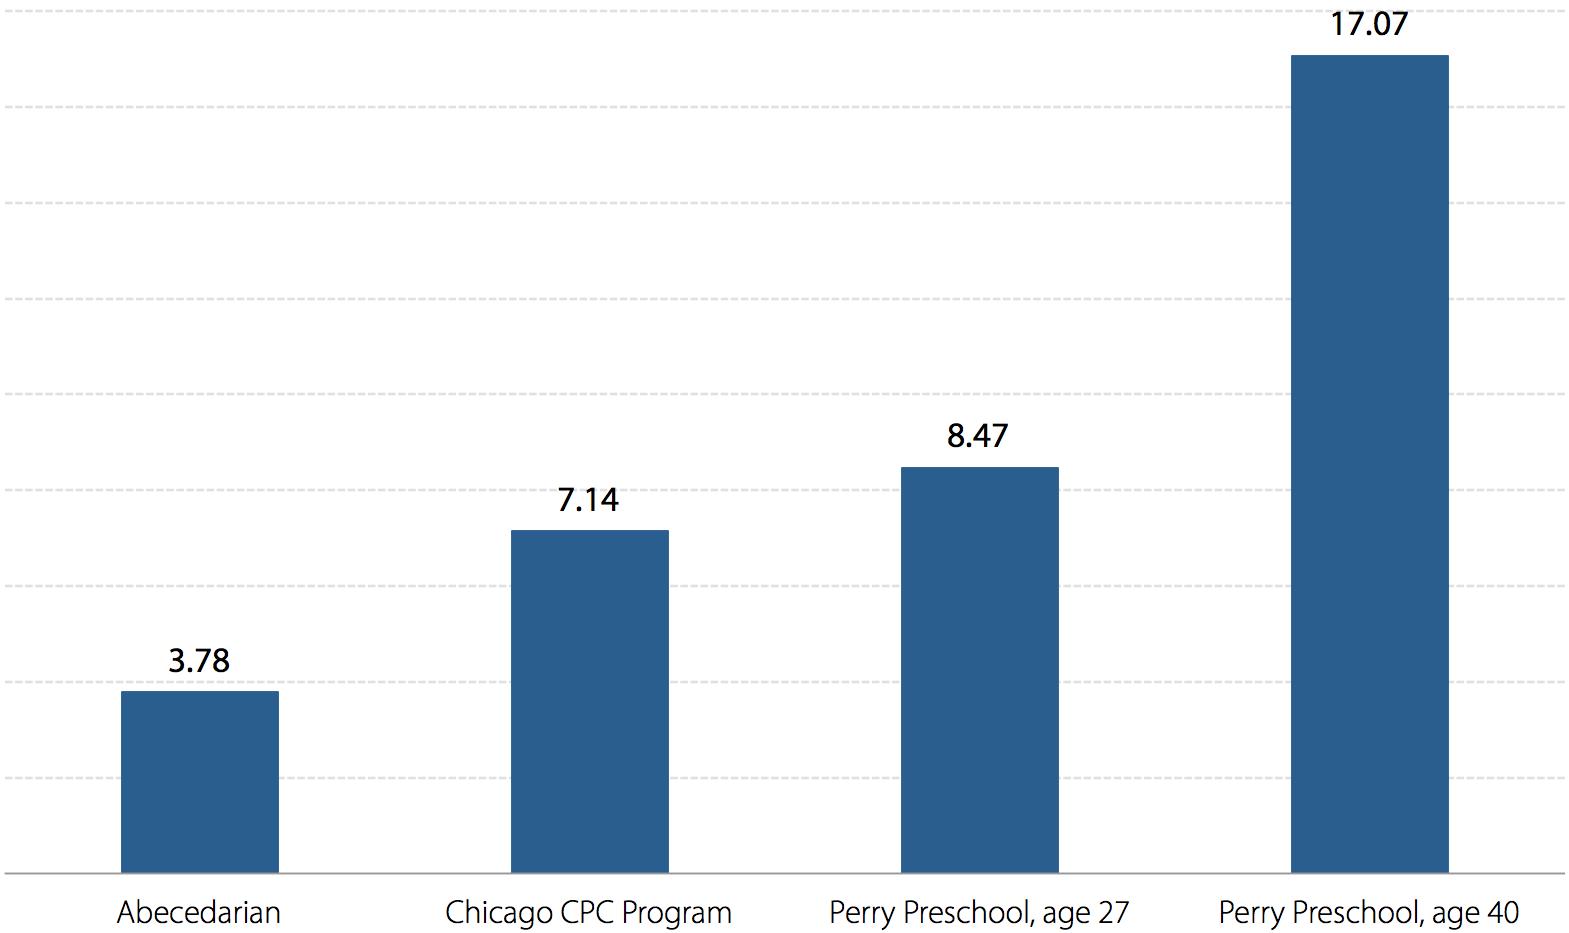 Estimated benefit/cost ratios of intensive pre-kindergarten investments